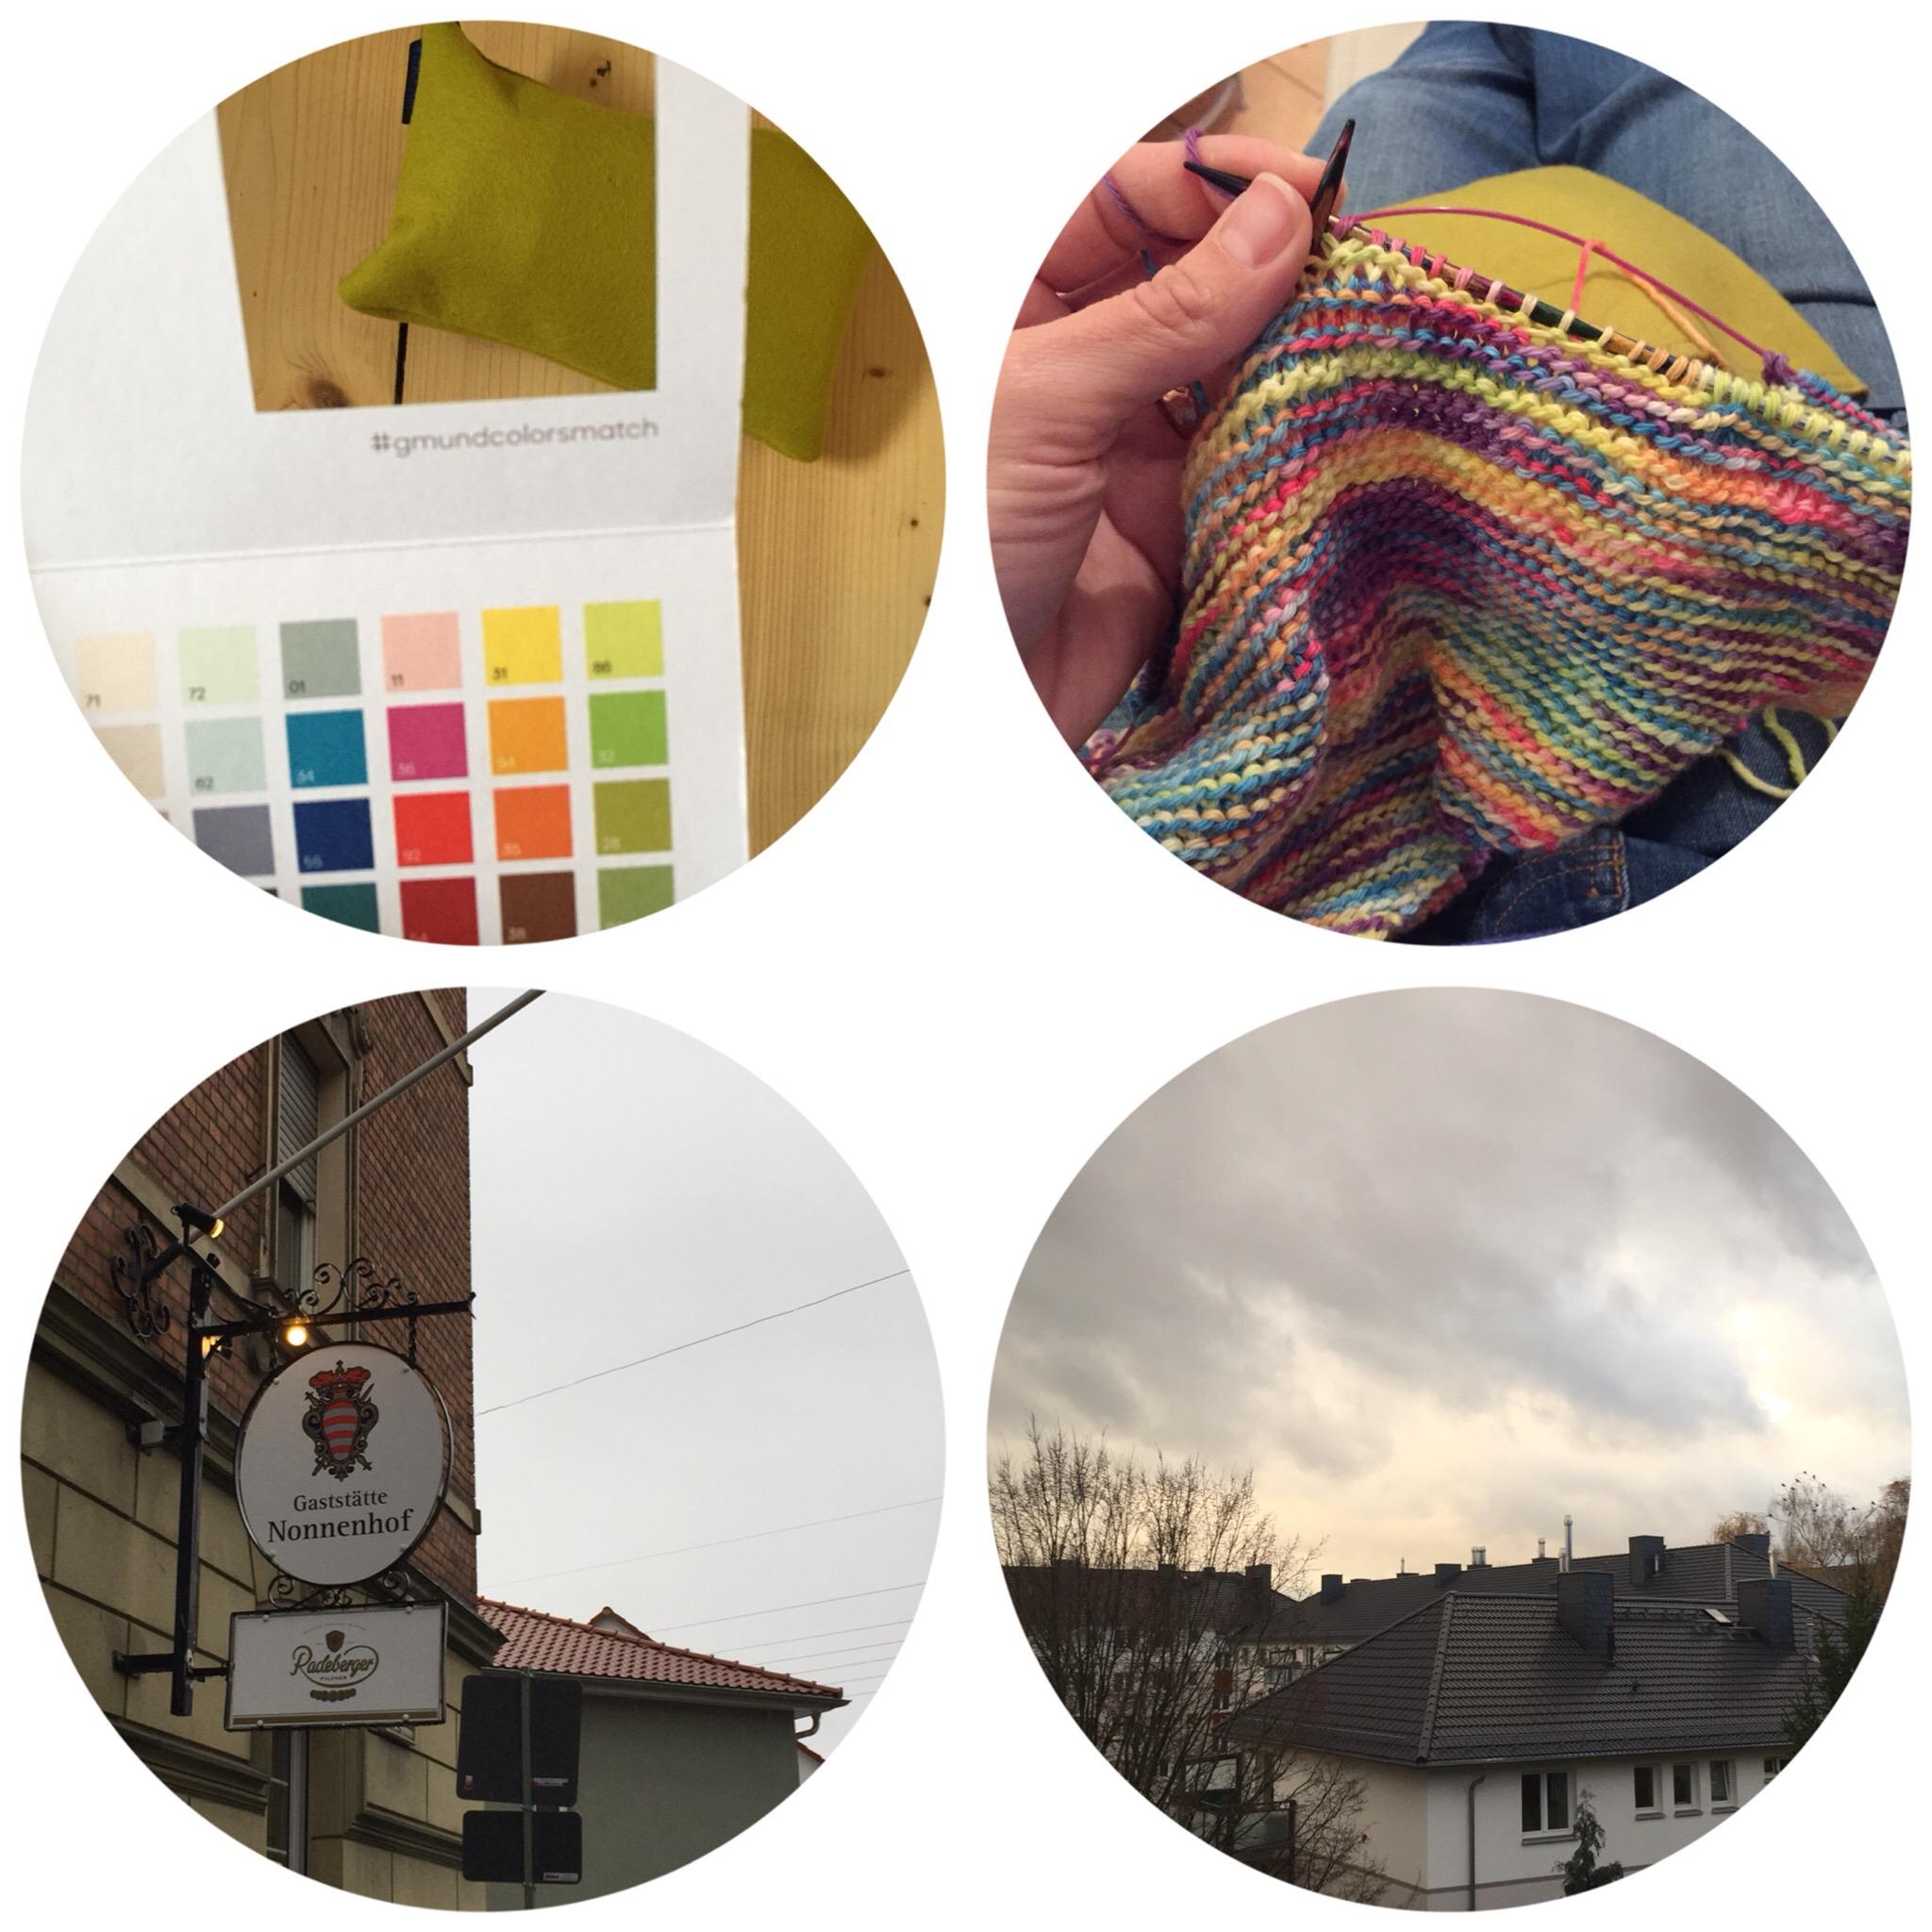 Mein 12. November in 12 Bildern - Bilder 3-6 - diephotographin